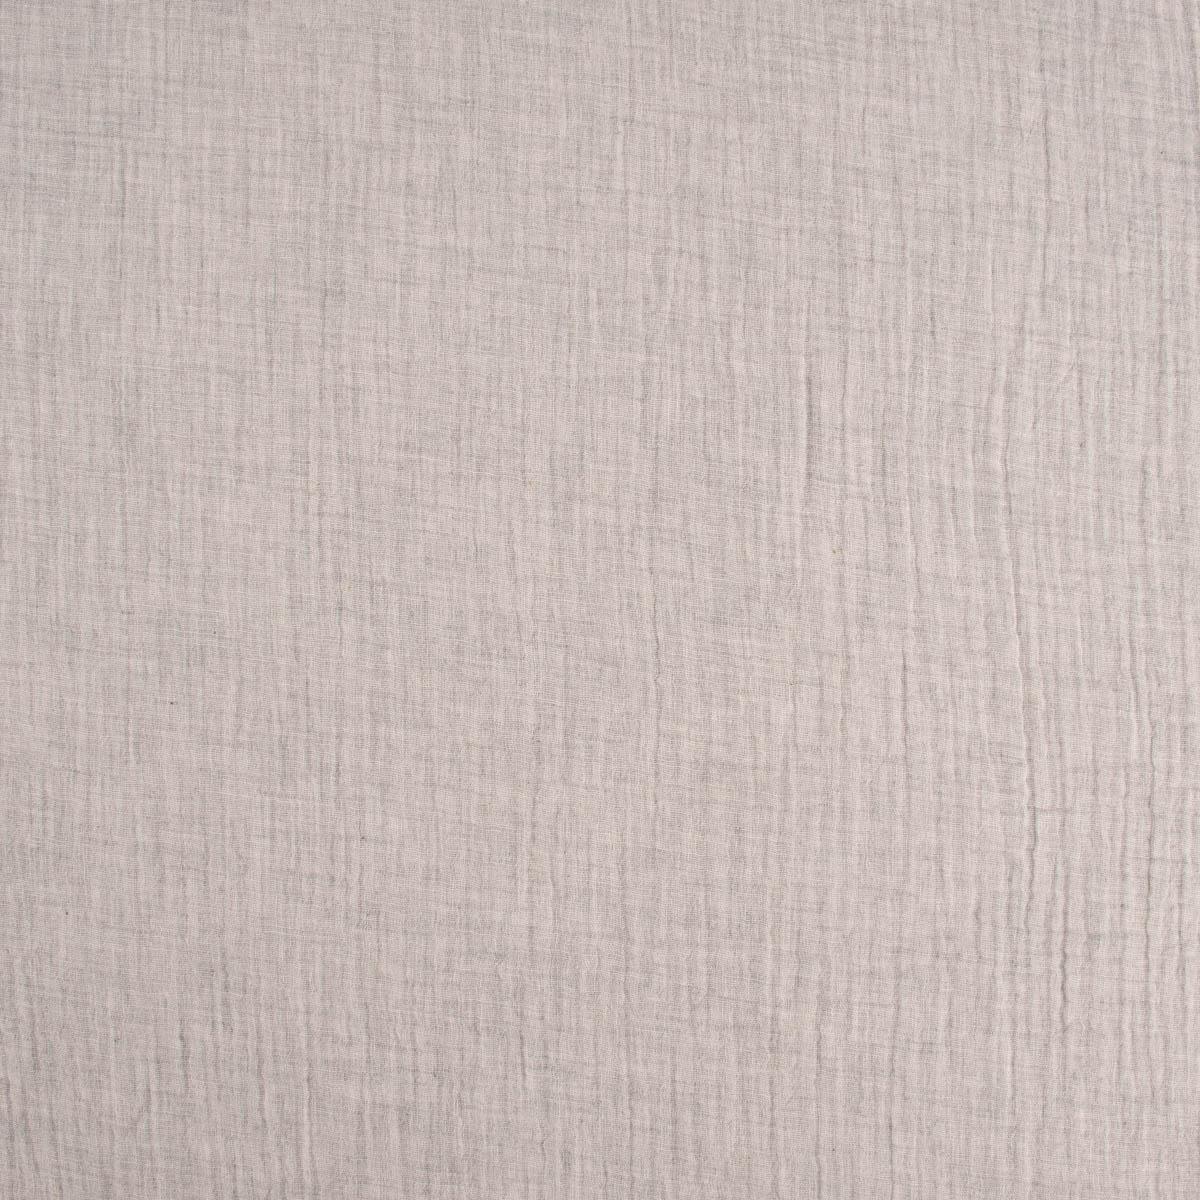 Bekleidungsstoff Double Gauze Musselin Windelstoff einfarbig taupe meliert 1,35m Breite